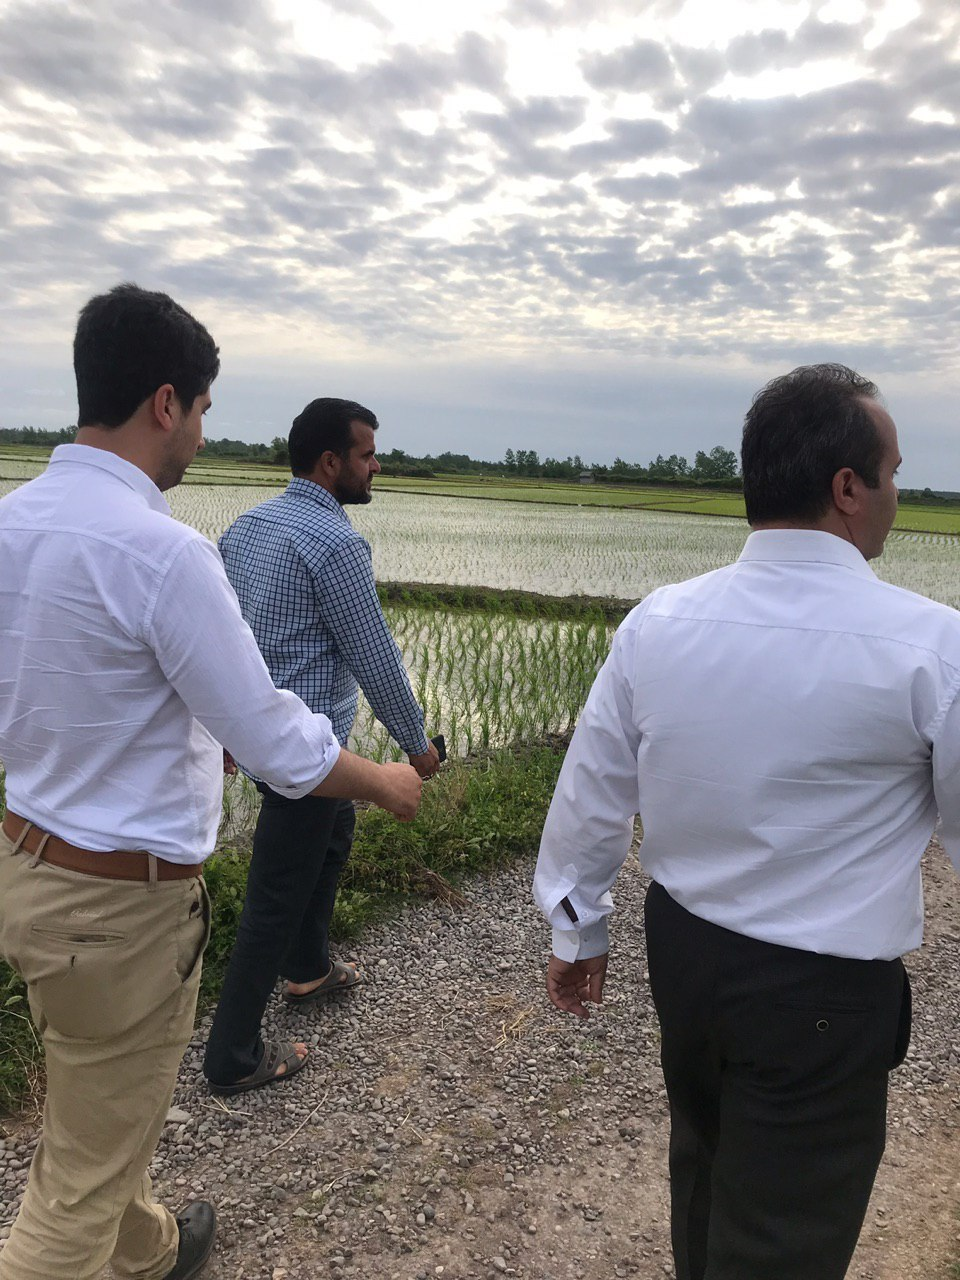 افزایش دوبرابر محصول برنج کشاورز باطرح همگام باکشاورز درشهرستان آستانه اشرفیه